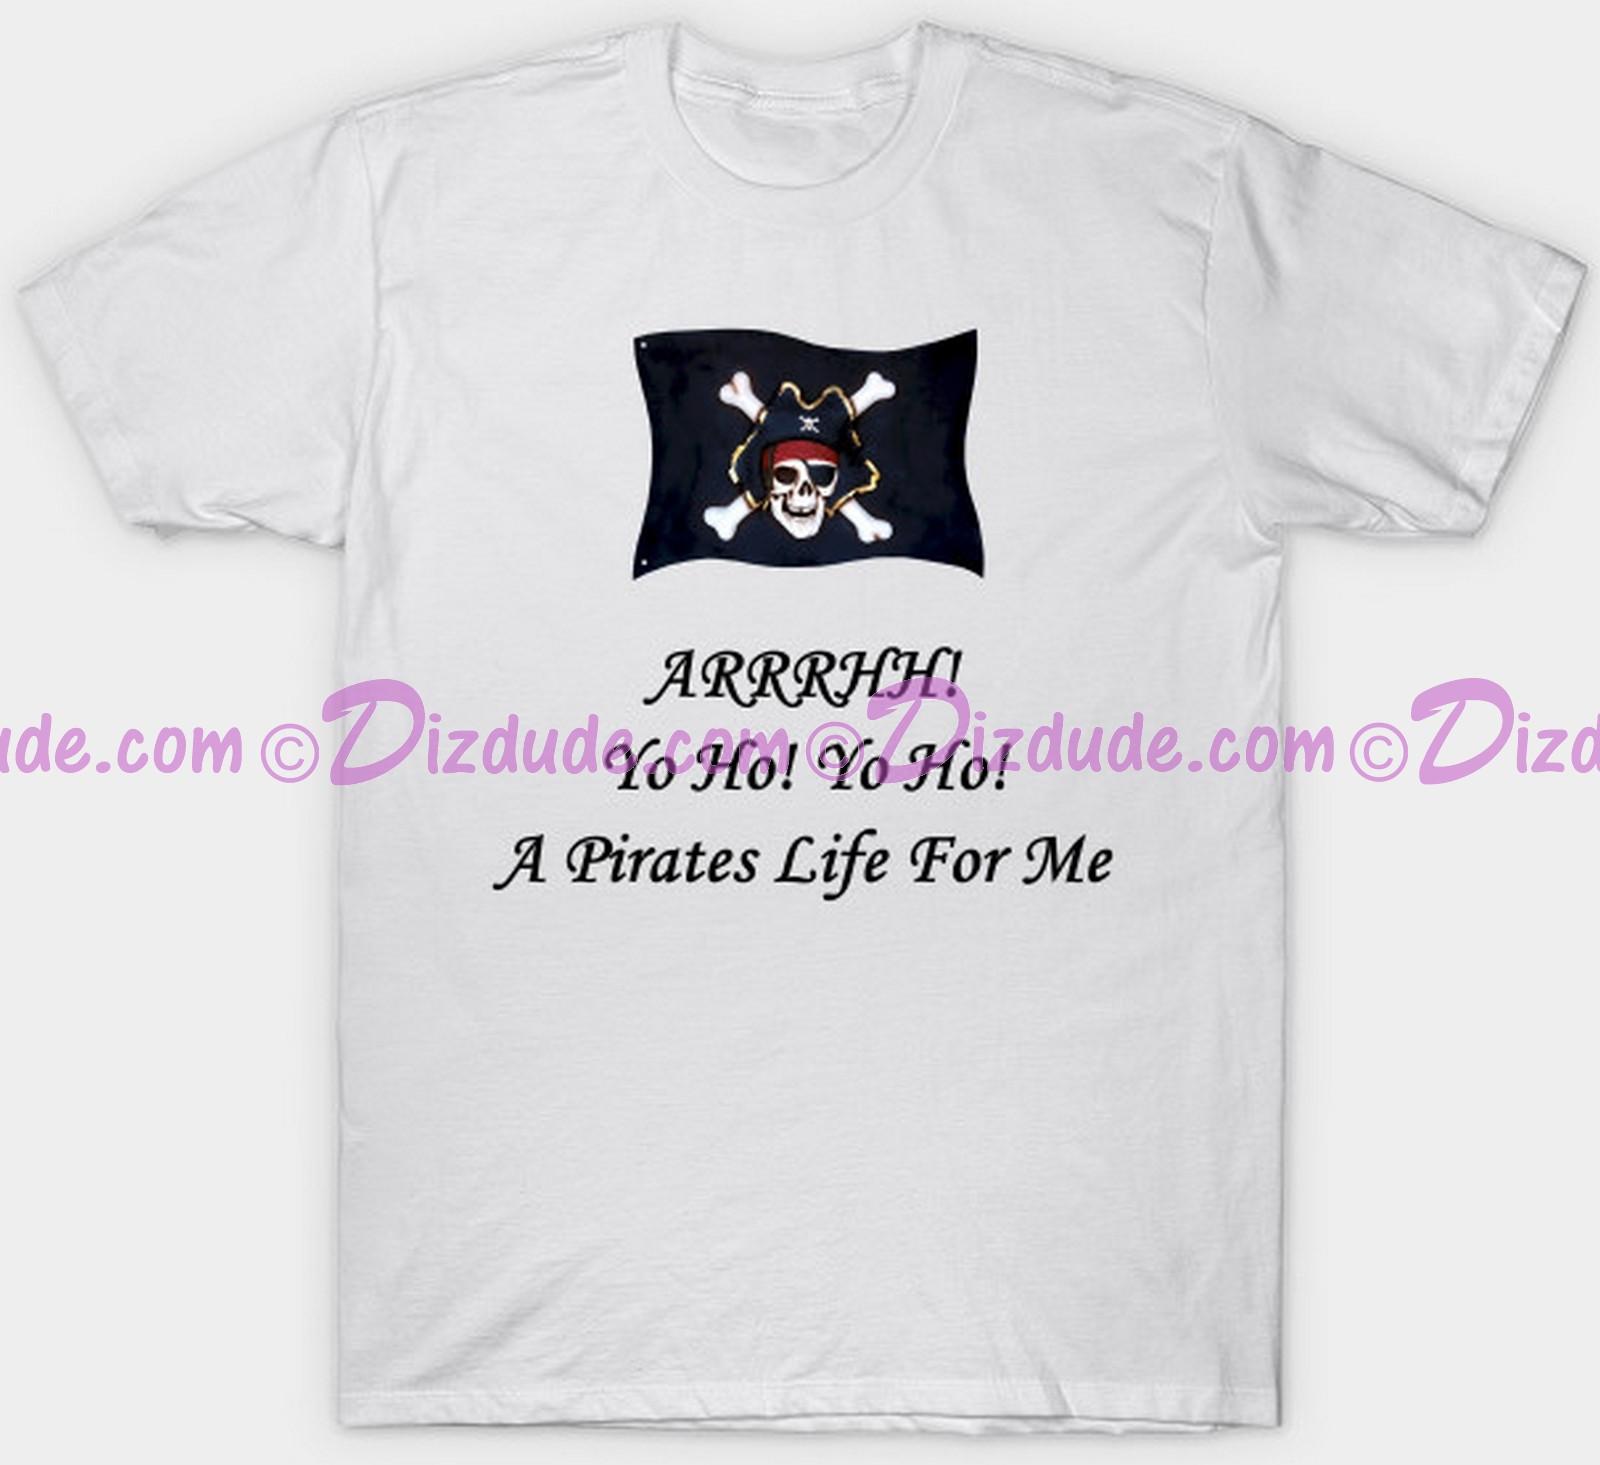 Yo Ho! Yo Ho! A Pirates Life For Me T-shirt (Tshirt, T shirt or Tee) © Dizdude.com